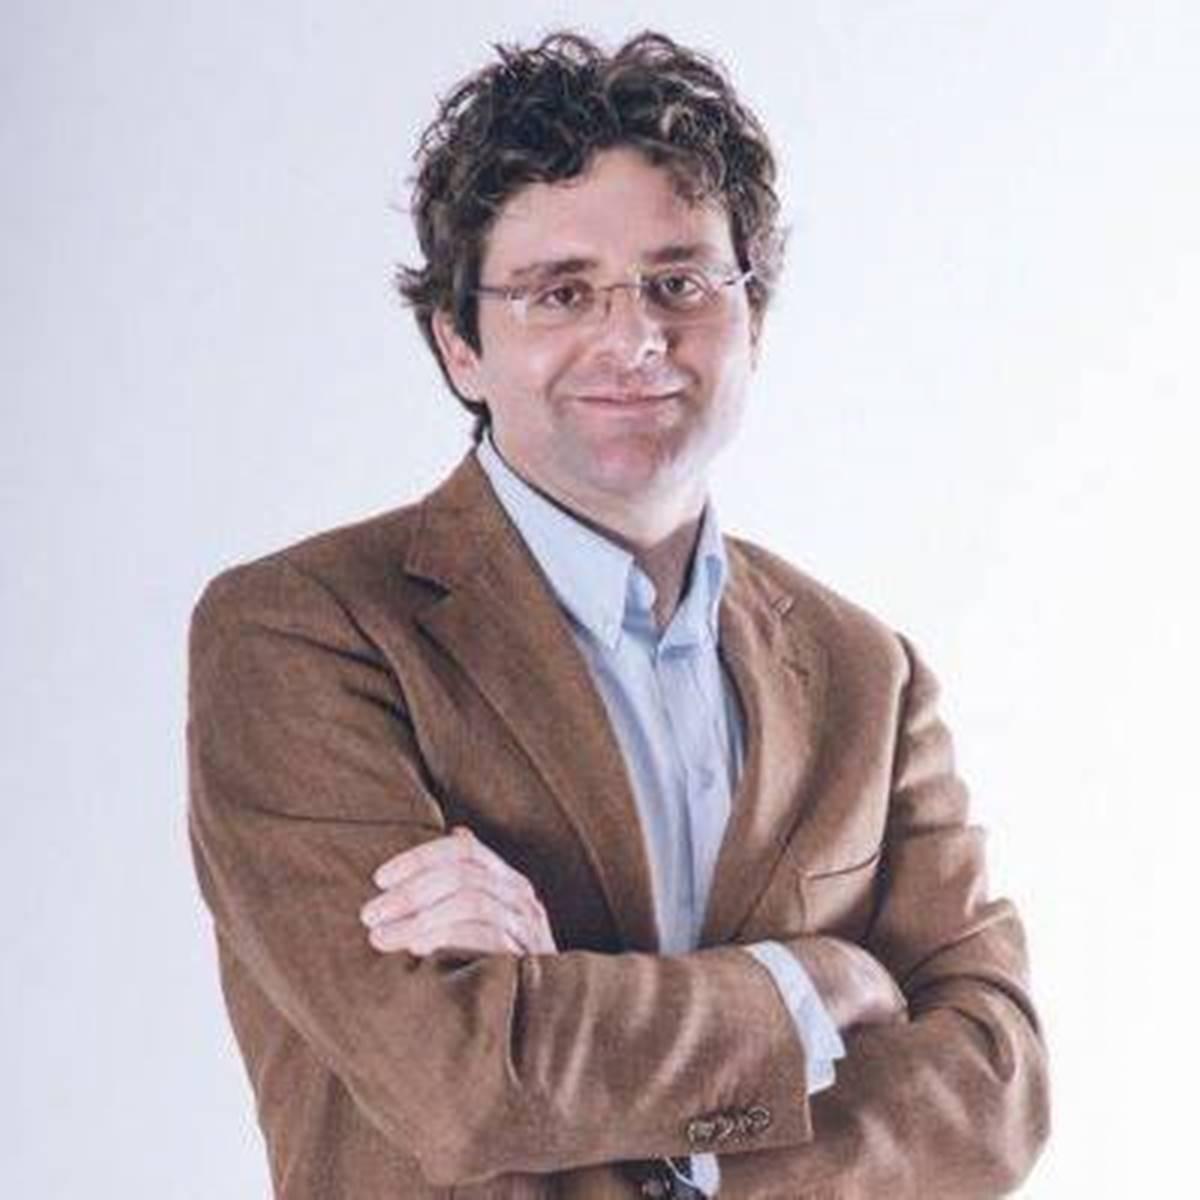 Le dichiarazioni di Francesco Menna del 16 maggio 2020 foto